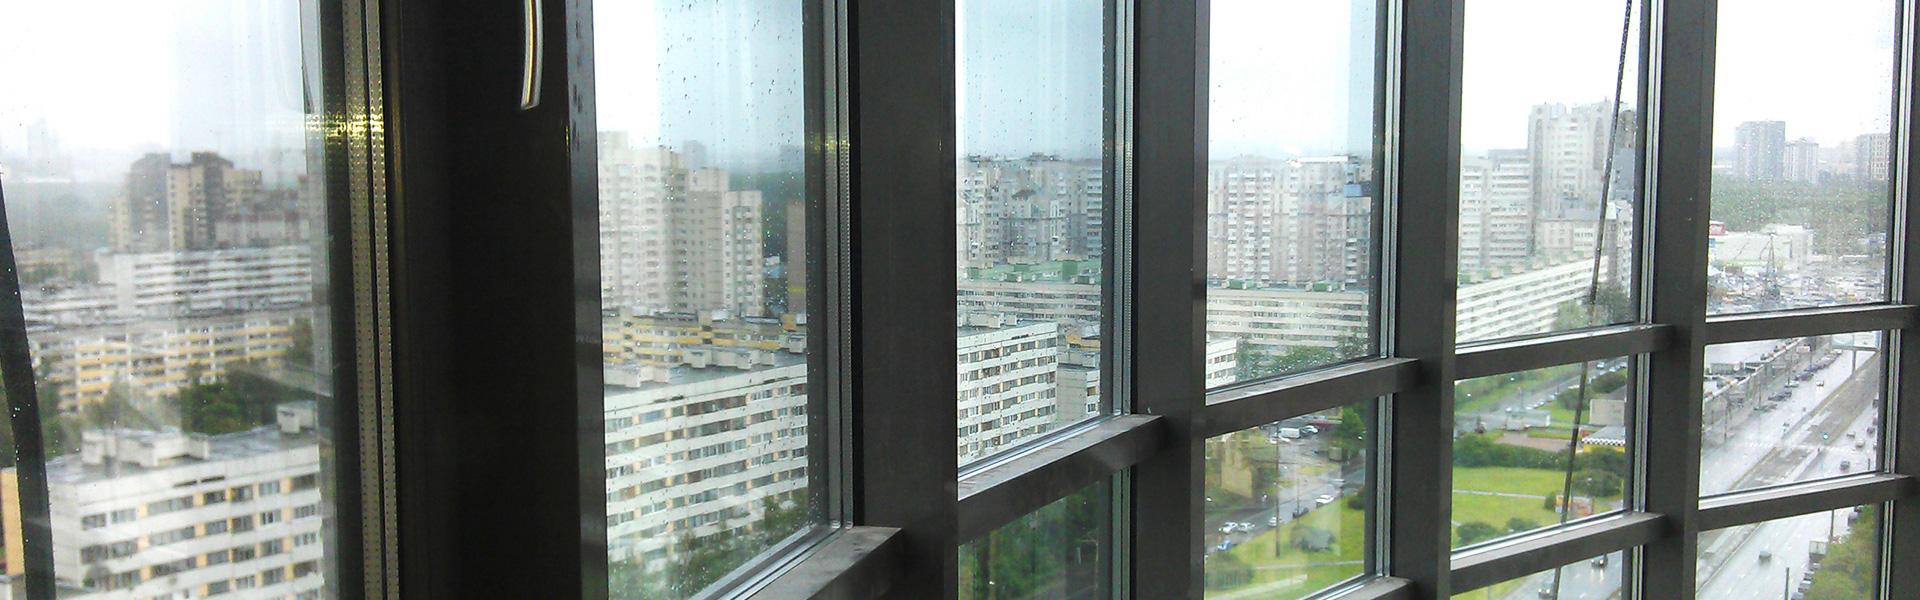 Алюминиевые балконы фон записи